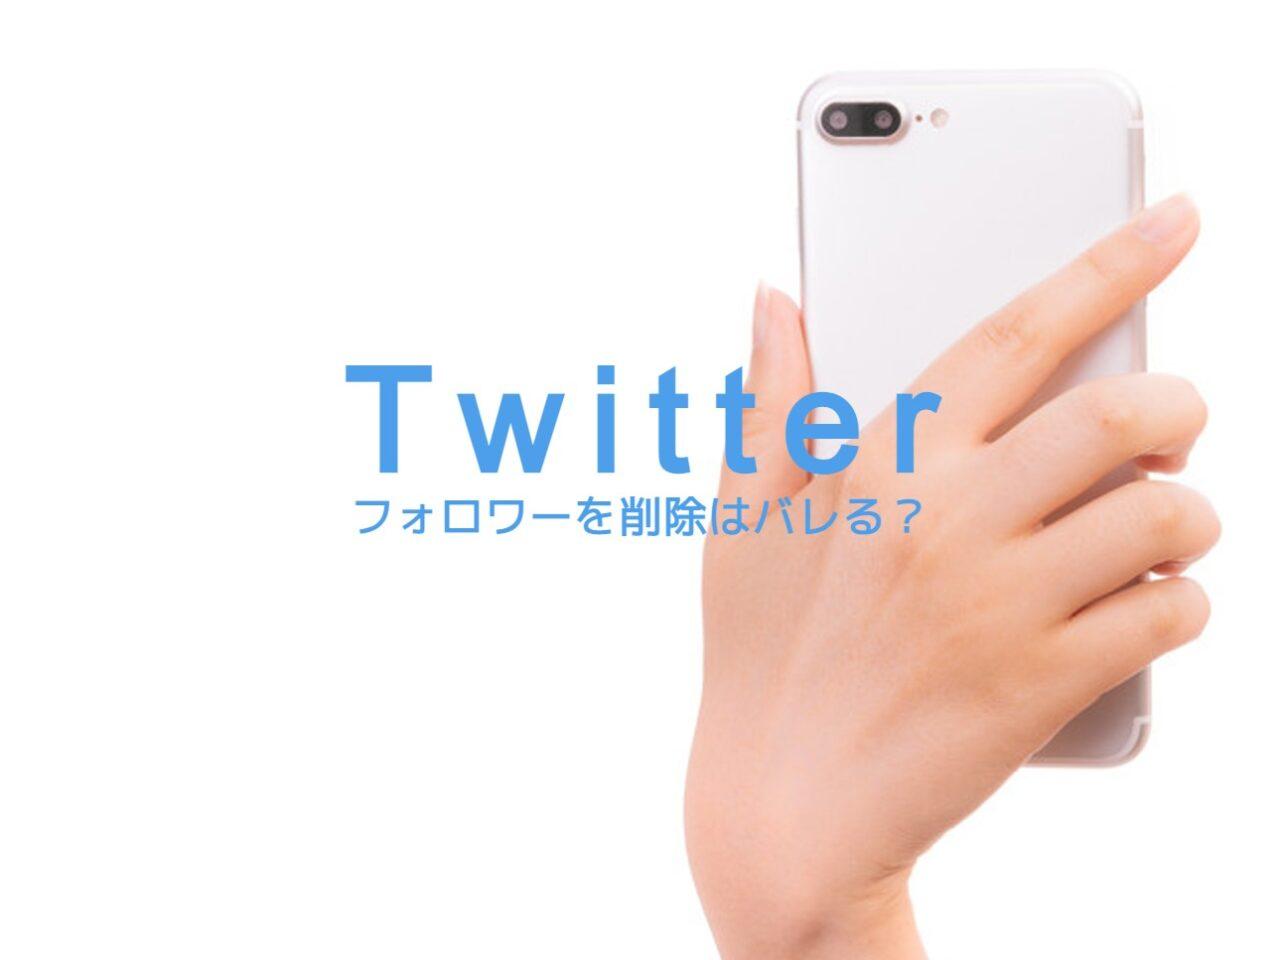 Twitterのフォロワーを削除(ソフトブロック)はバレる?相手に通知でわかる?のサムネイル画像